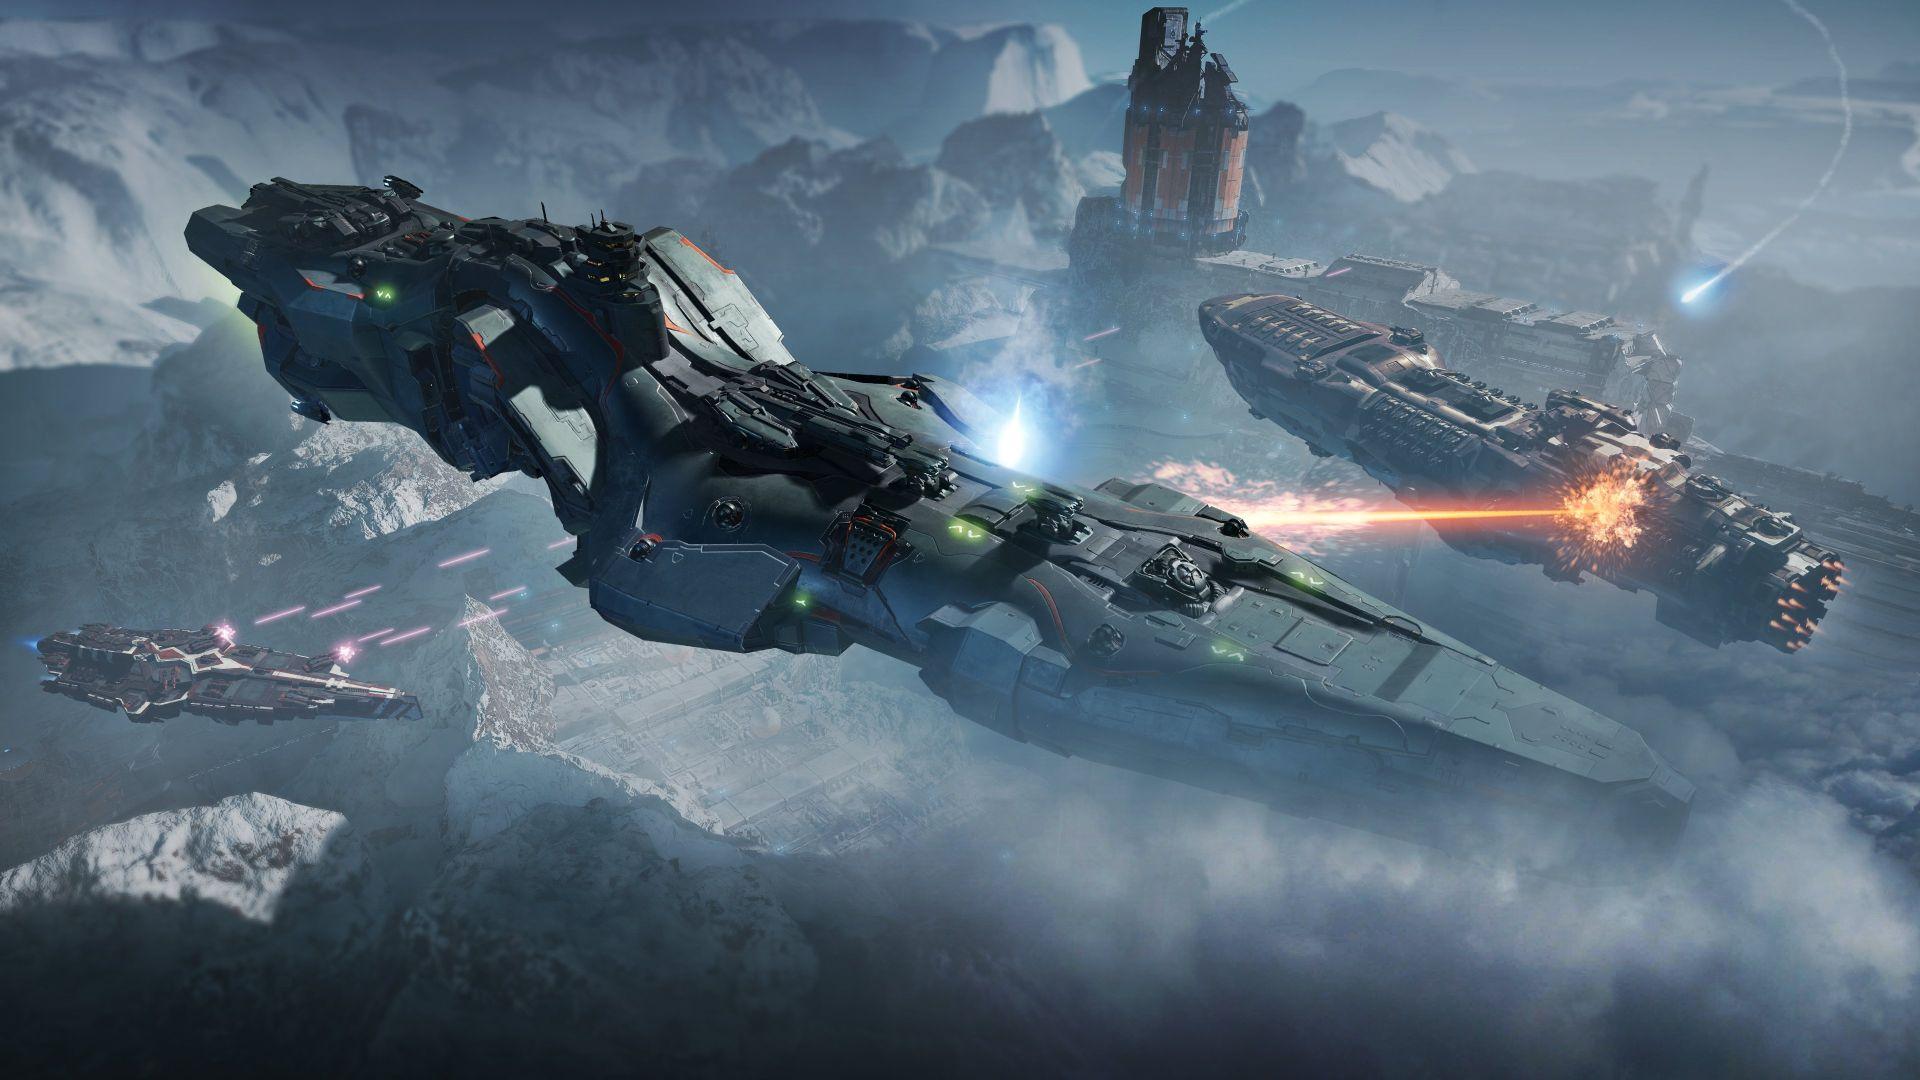 Raumschiff Spiele Online